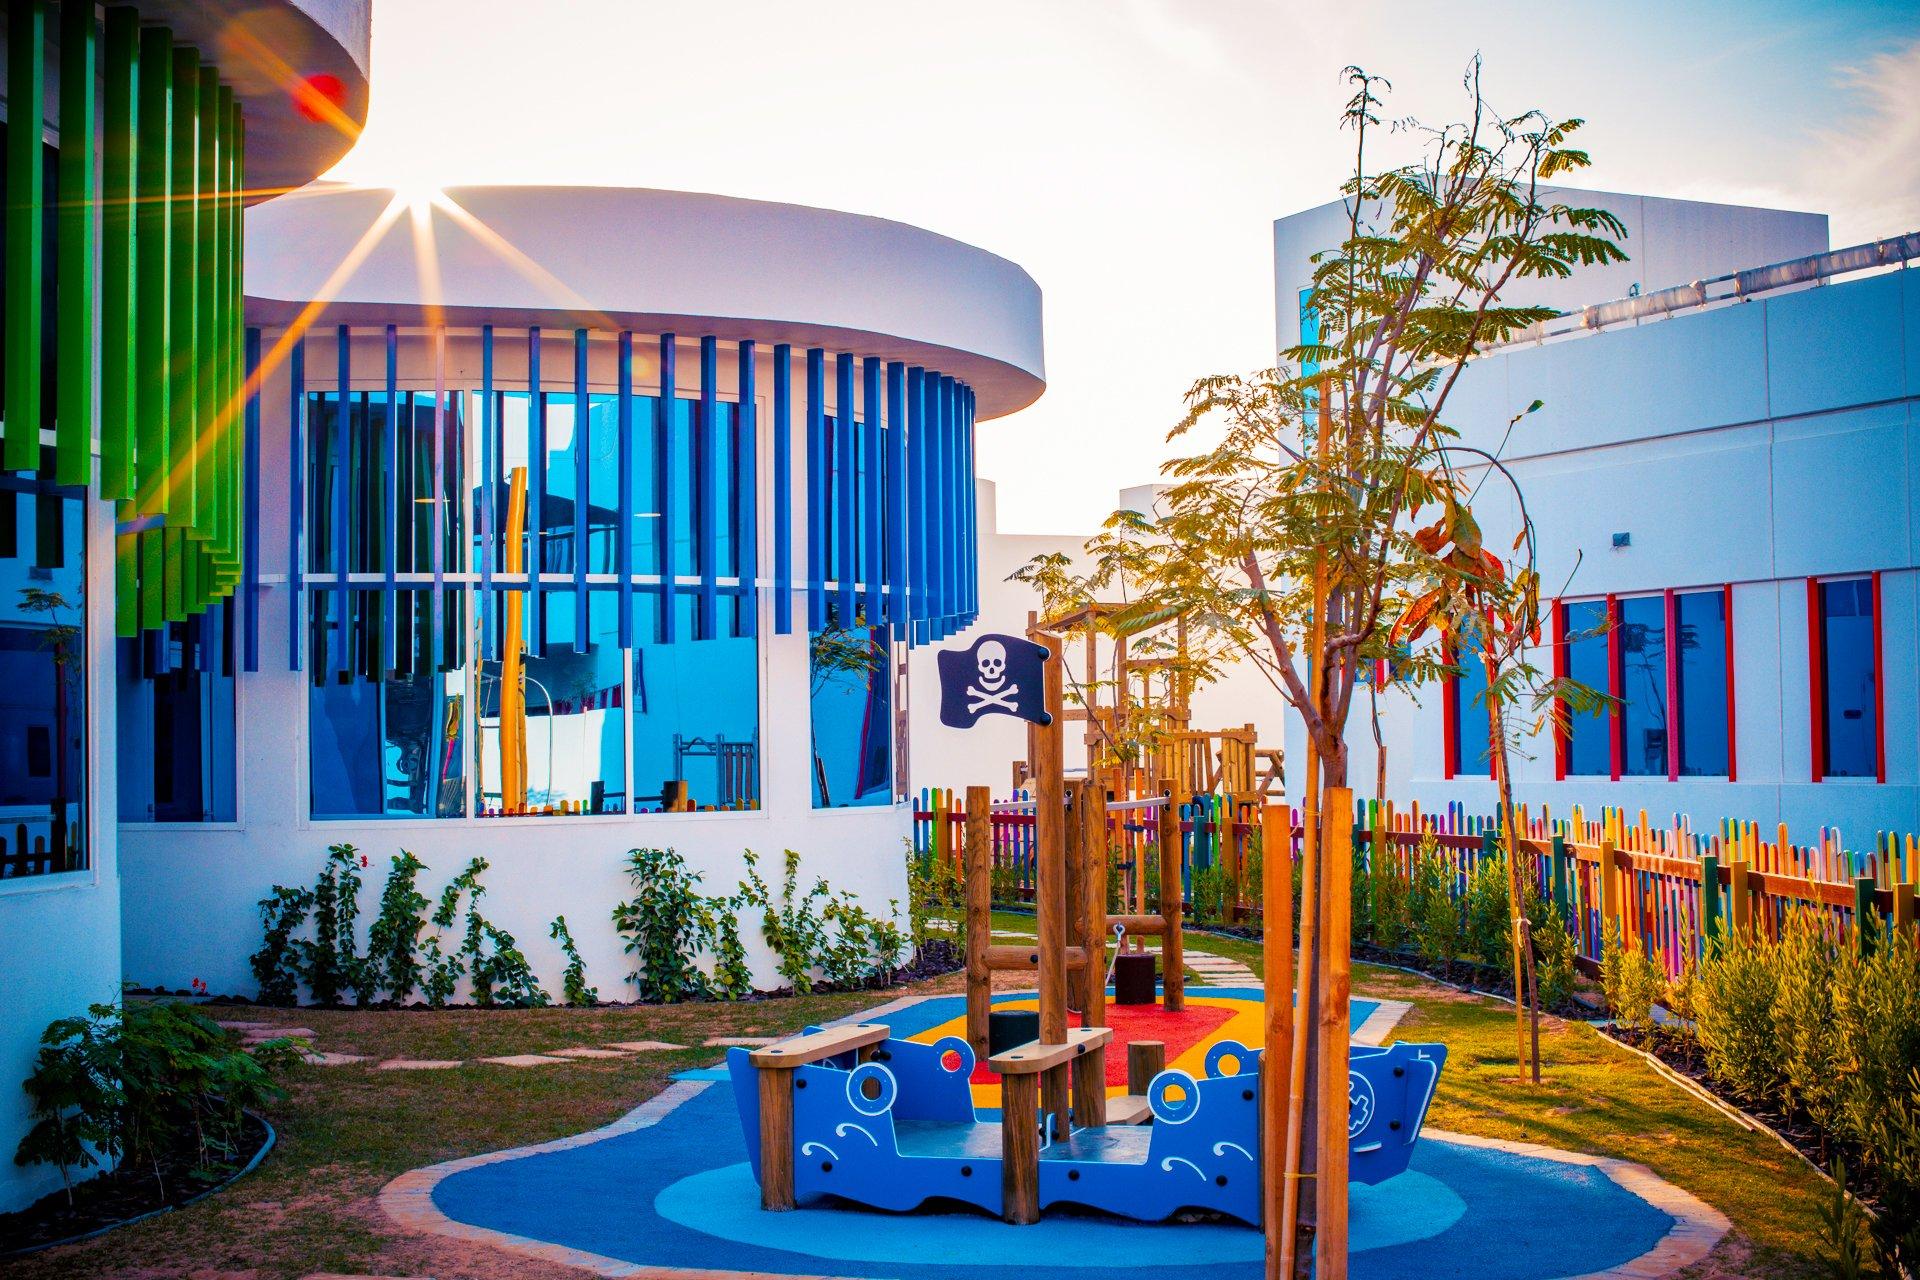 صورة تظهر واحدة من العديد من مناطق اللعب التفاعلية للأطفال الصغار في أكاديمية دبي هايتس في دبي